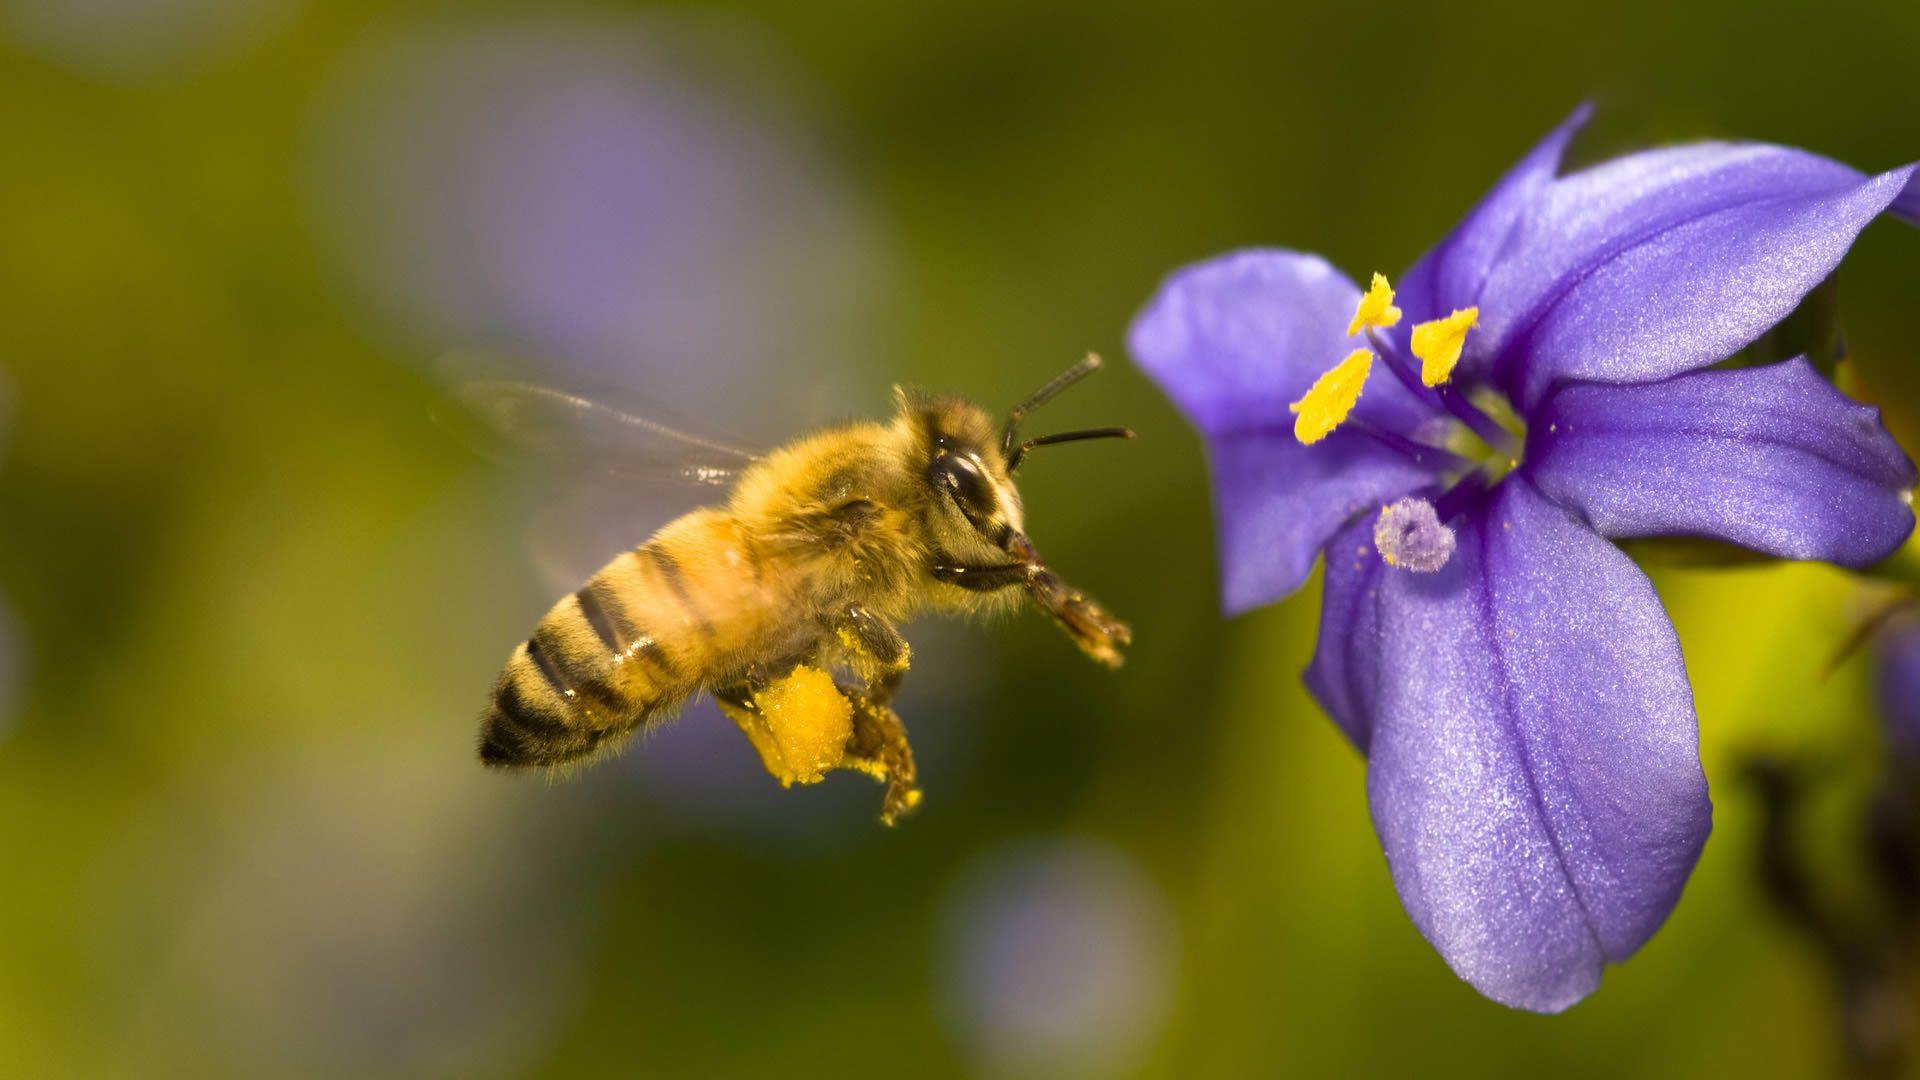 养蜂选择什么品种最好(什么品种蜜蜂最好)